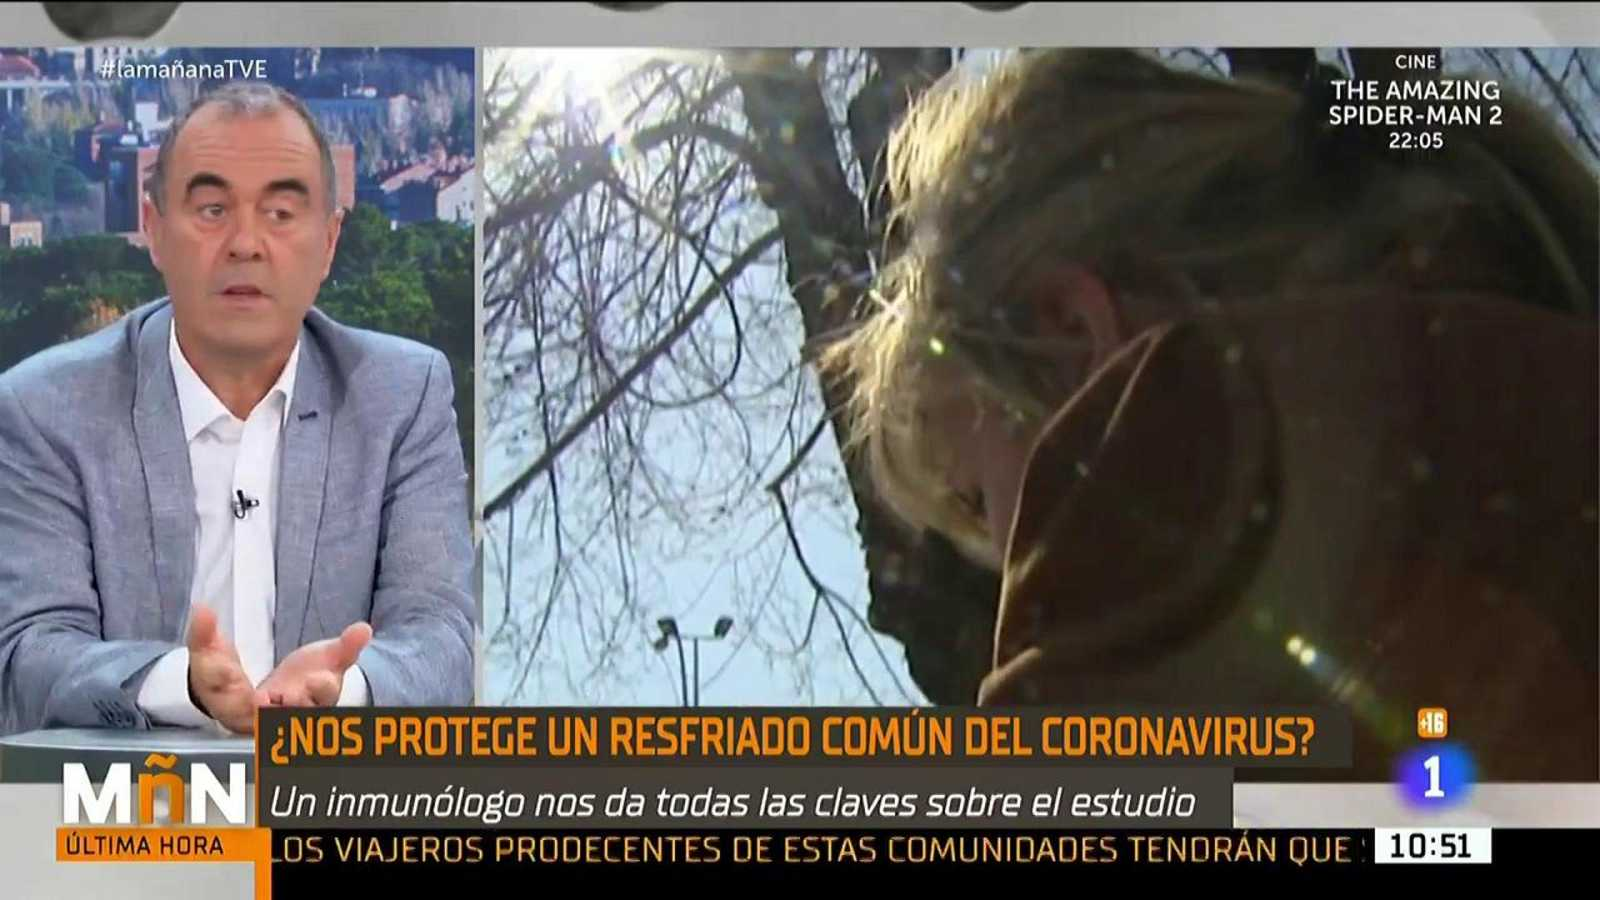 El inmunólogo Marcos López Hoyos resuelve dudas sobre el resfriado común y el coronavirus